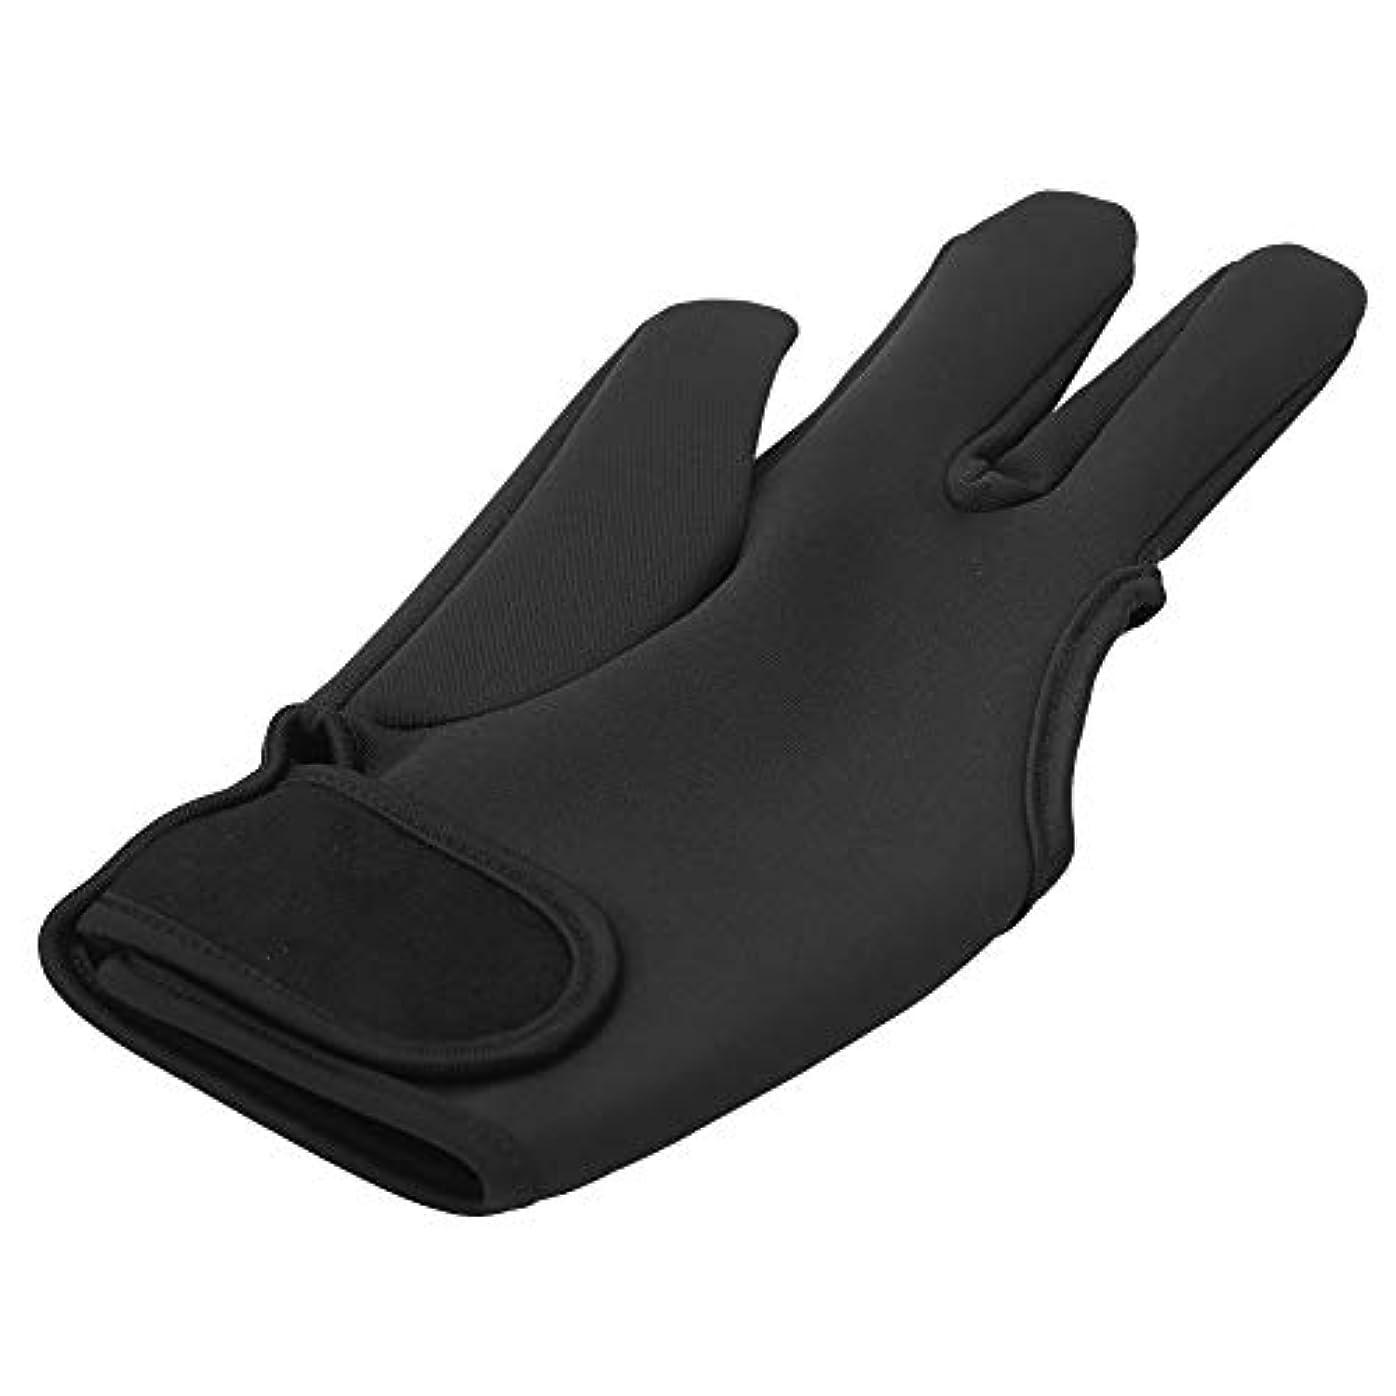 家事上院きゅうり理髪手袋、理髪を行うときに手をやけどするのを防ぐためのプロの耐熱プルーフグローブ、美容院に最適